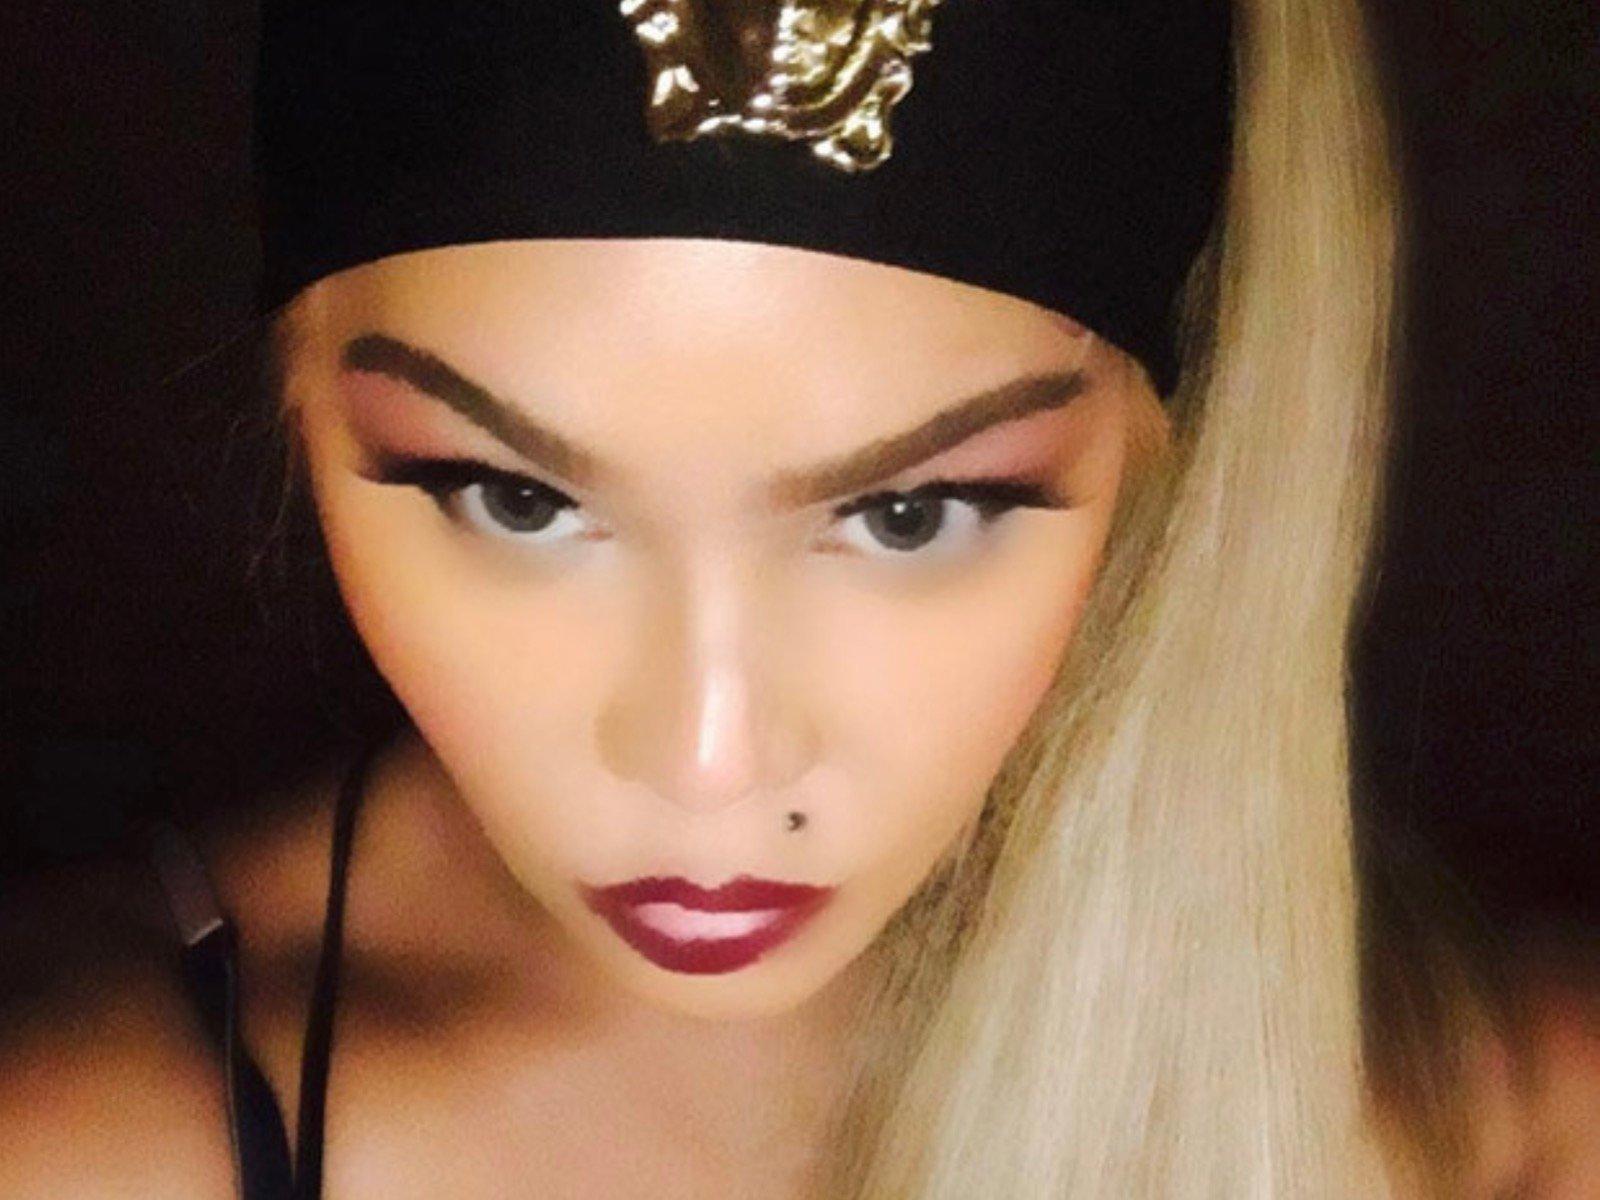 Lil' Kim